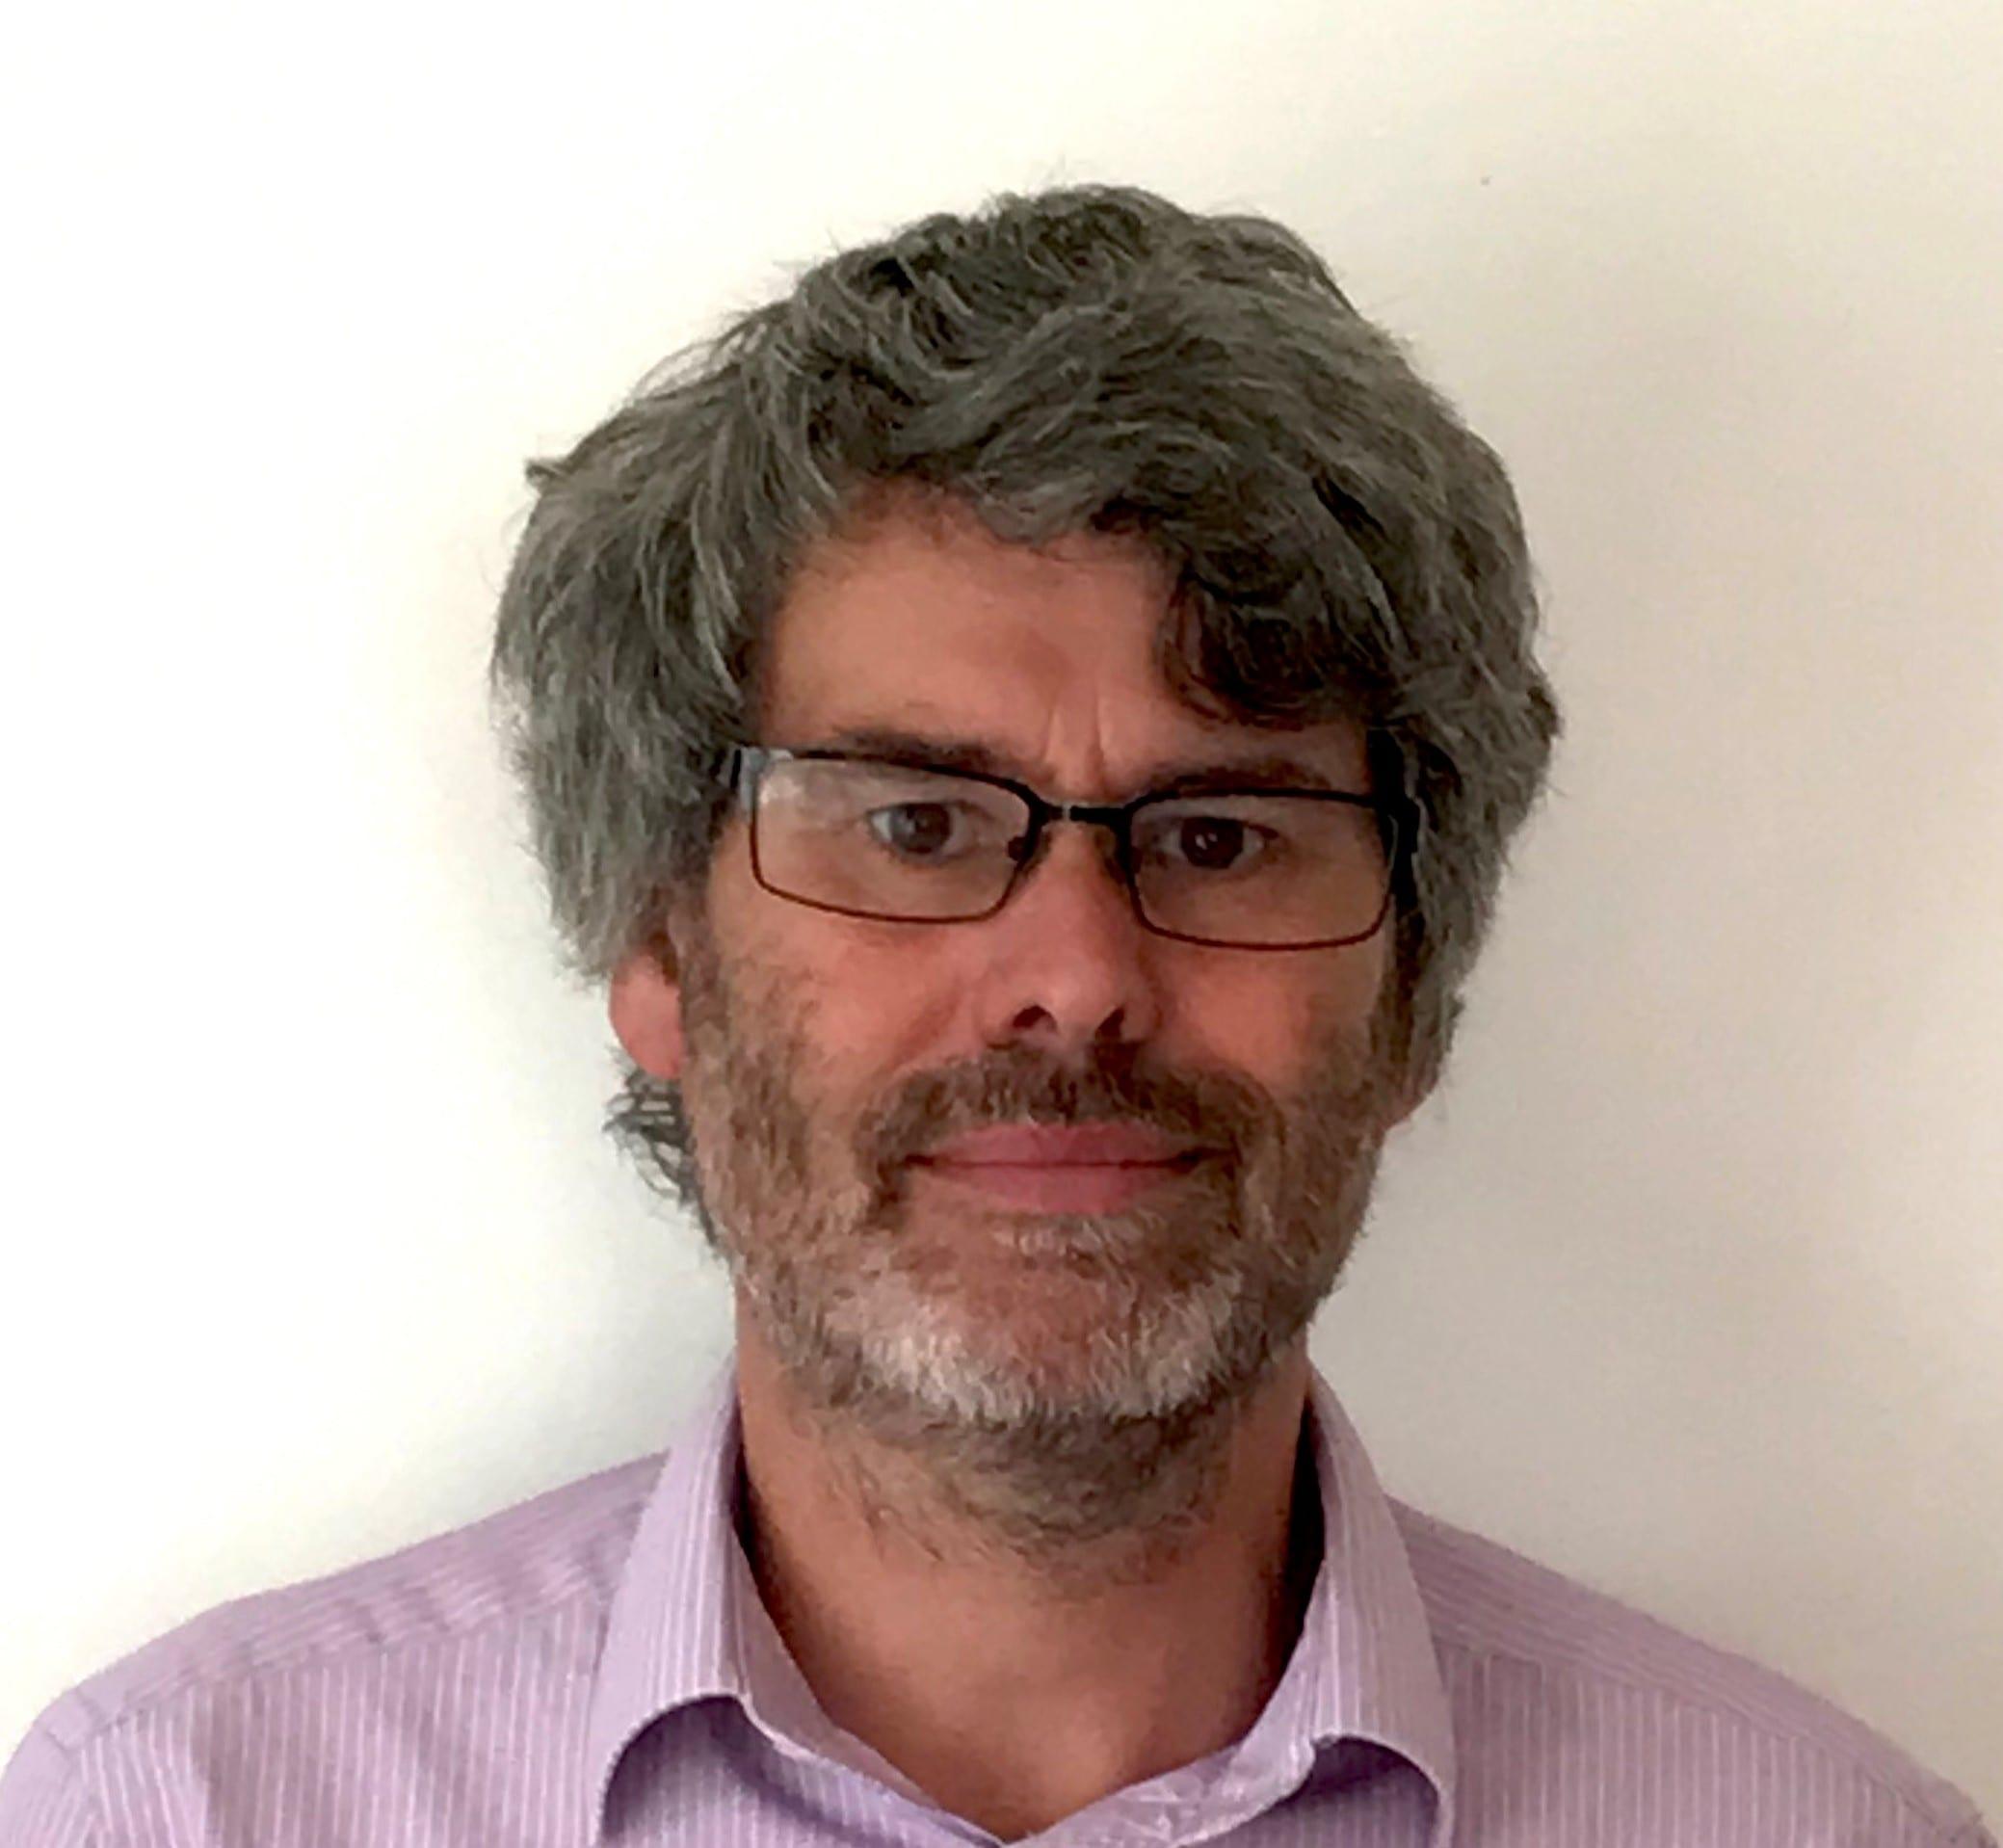 Ian Dobbie